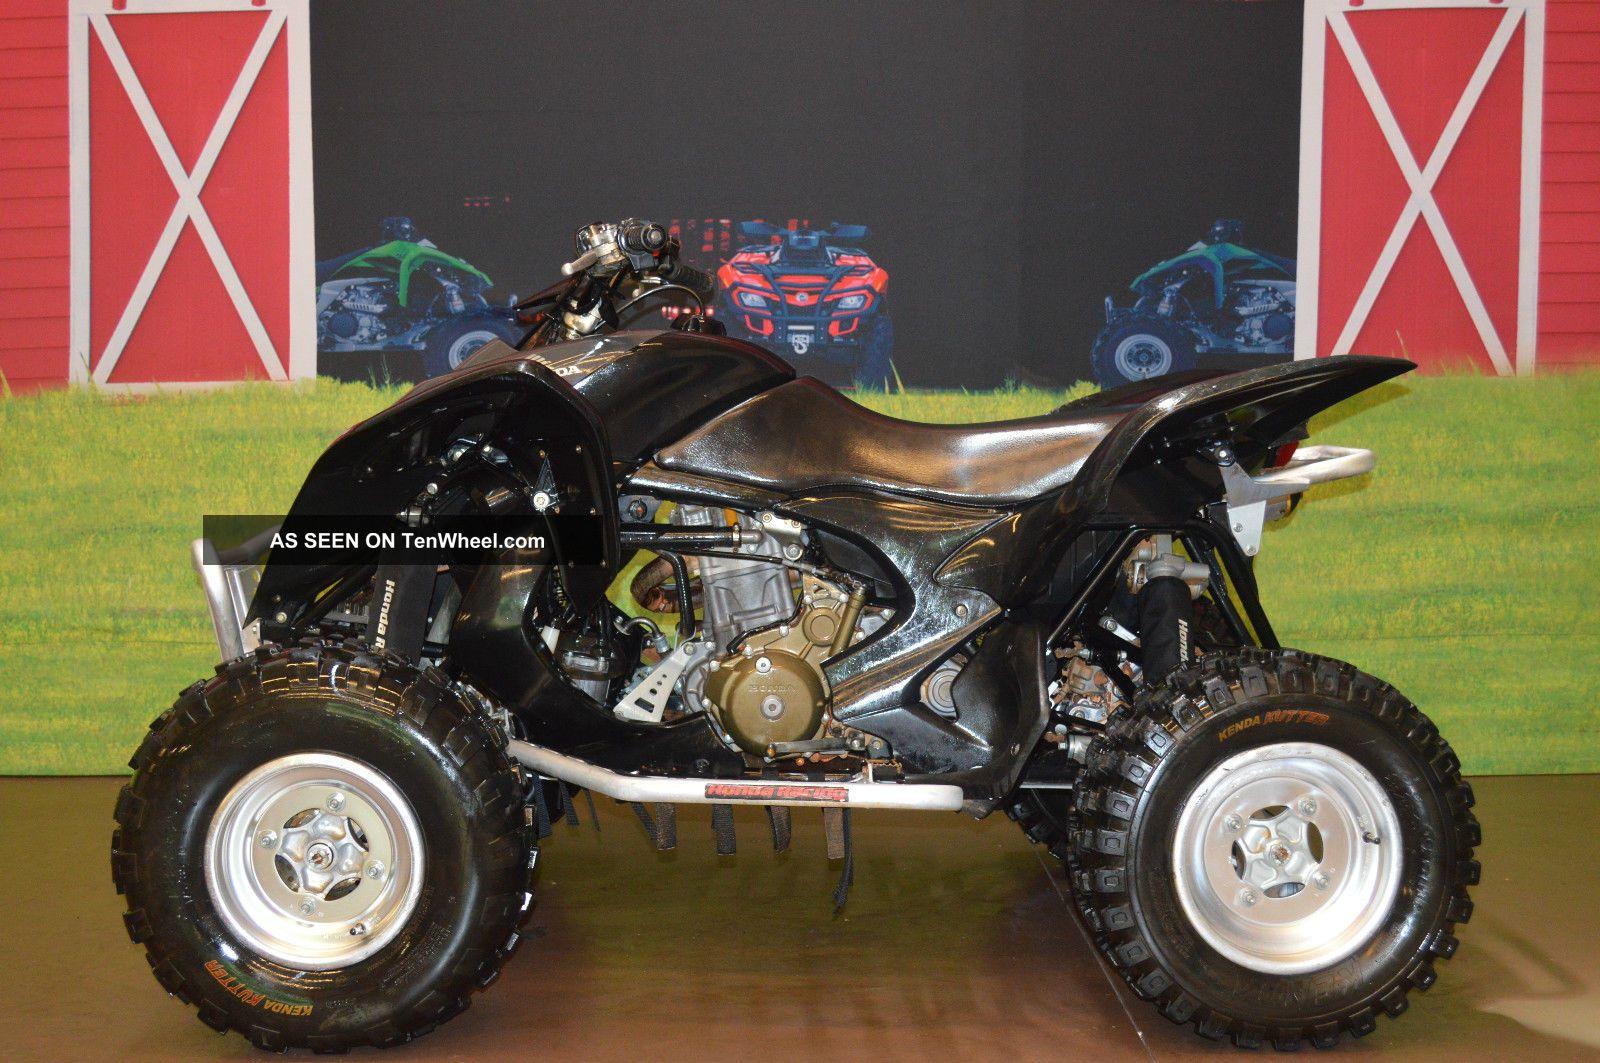 2008 Honda Trx Honda photo